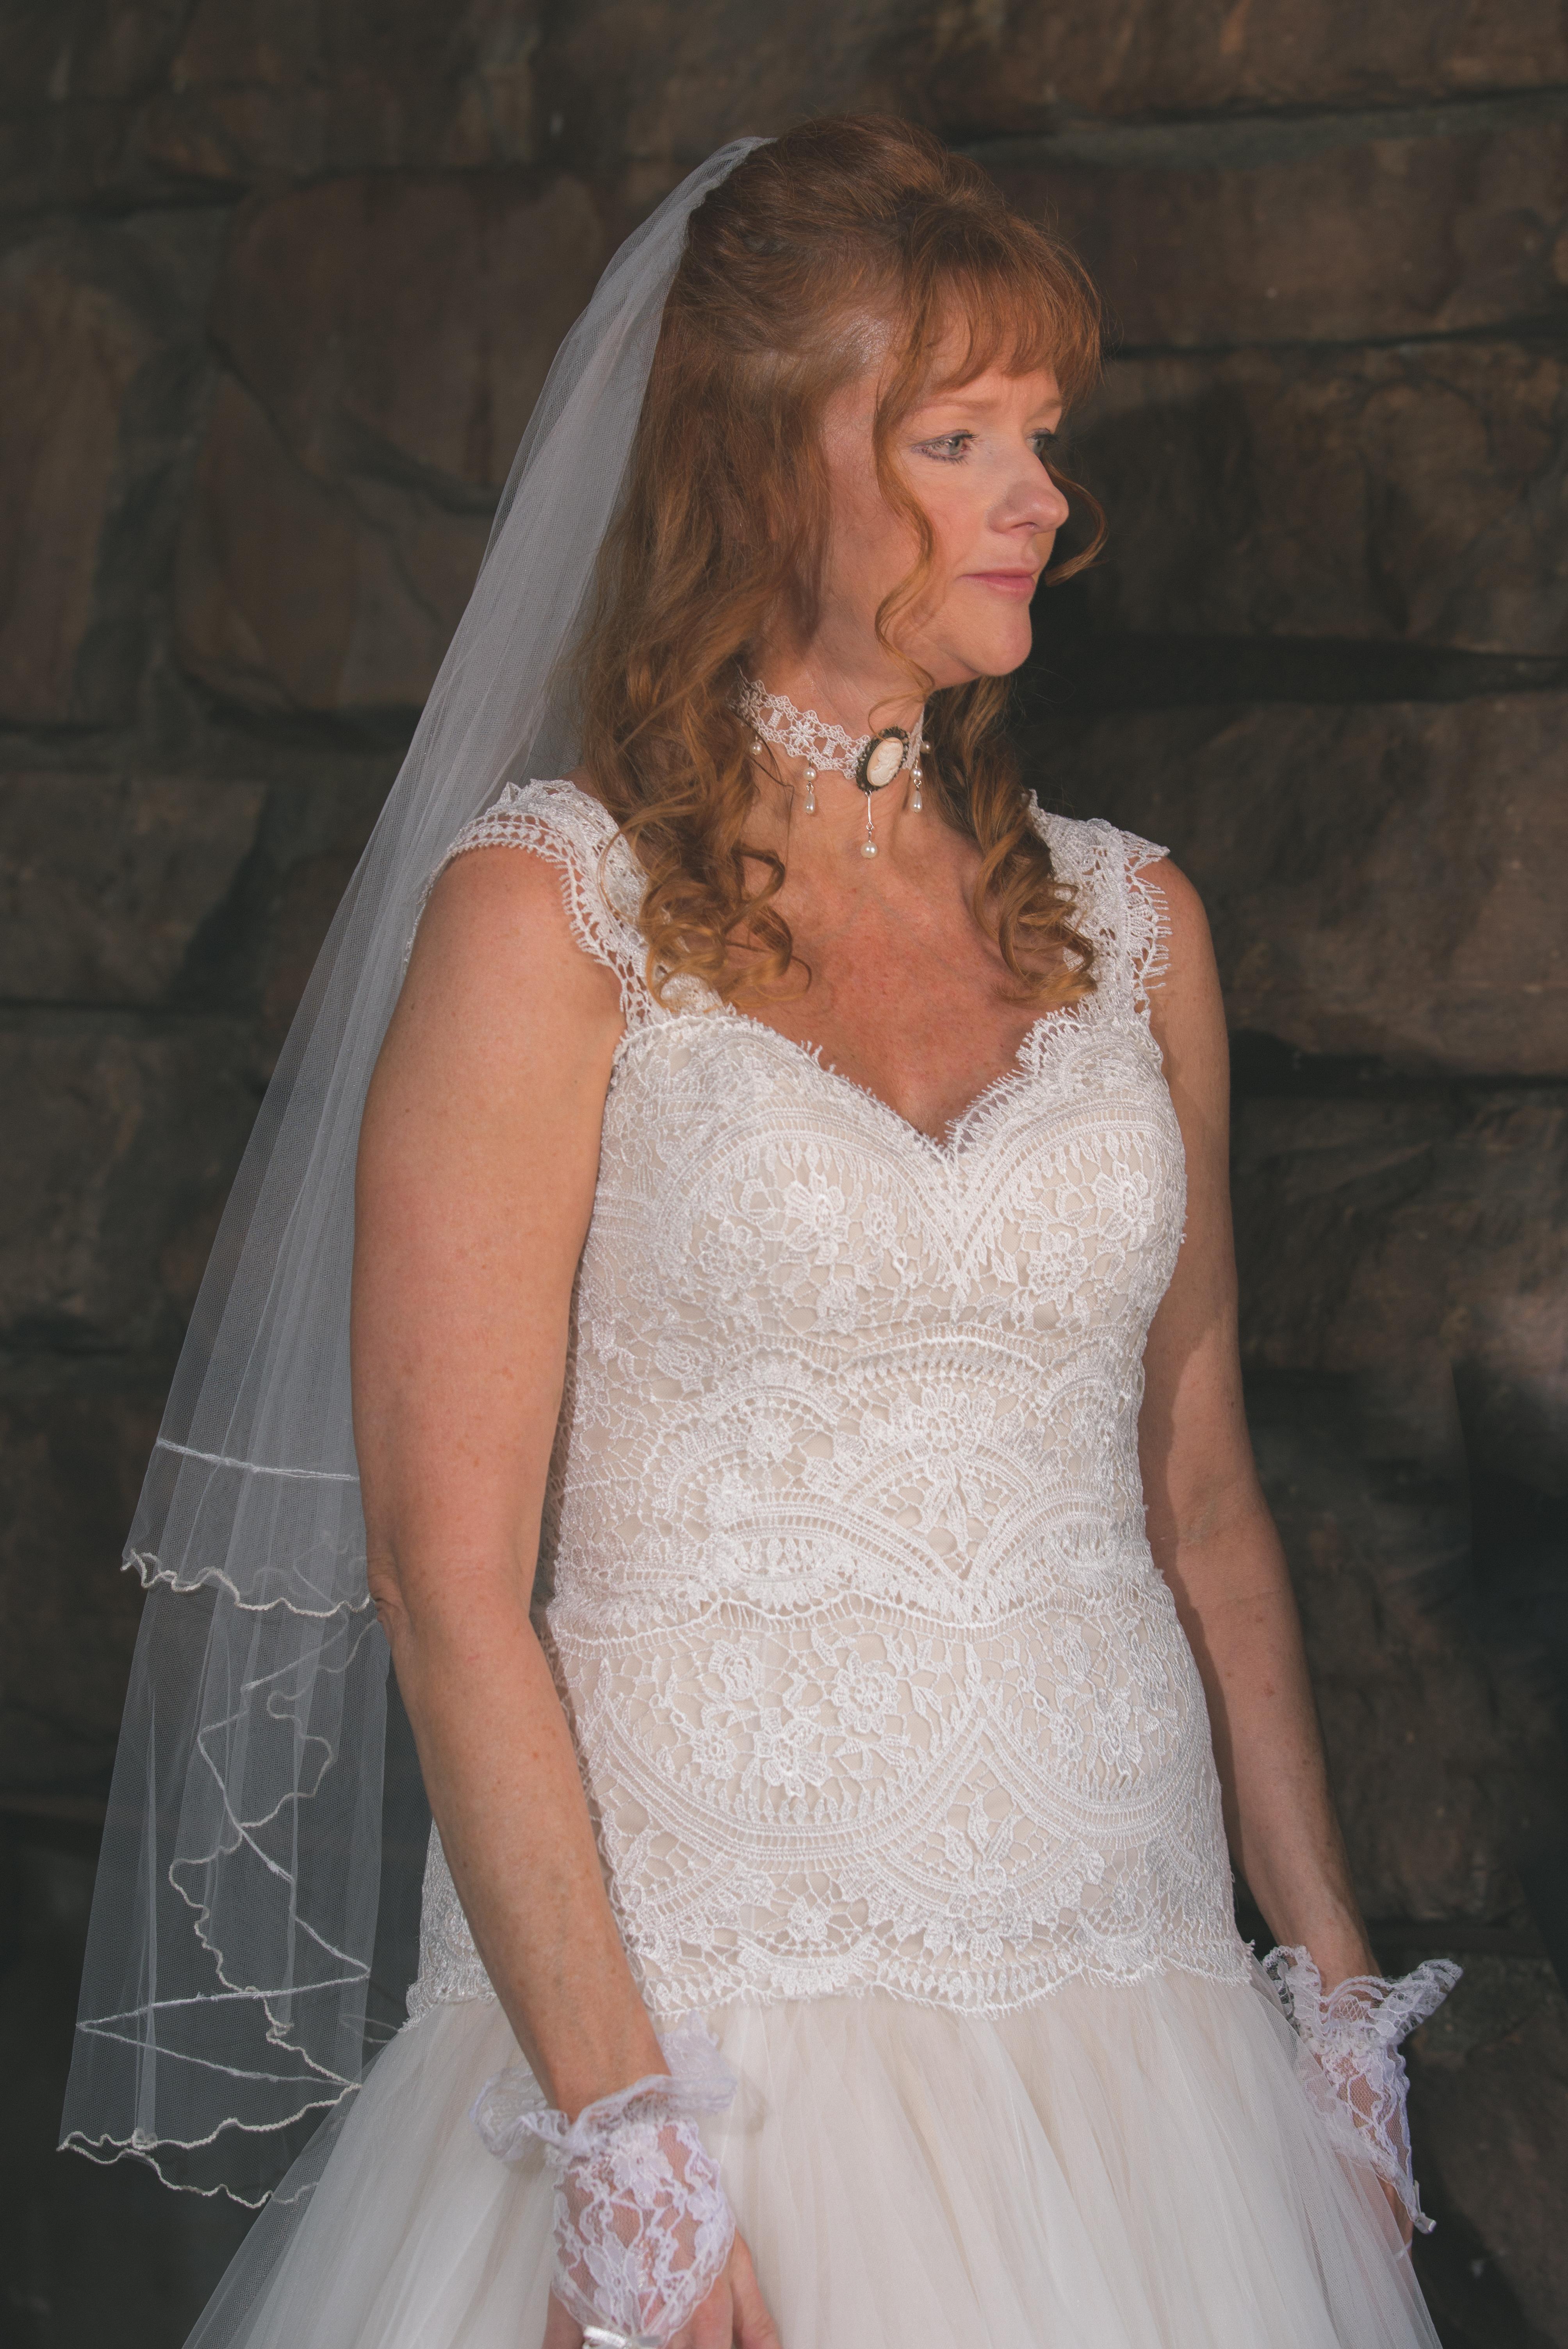 Boulder Colorado bride